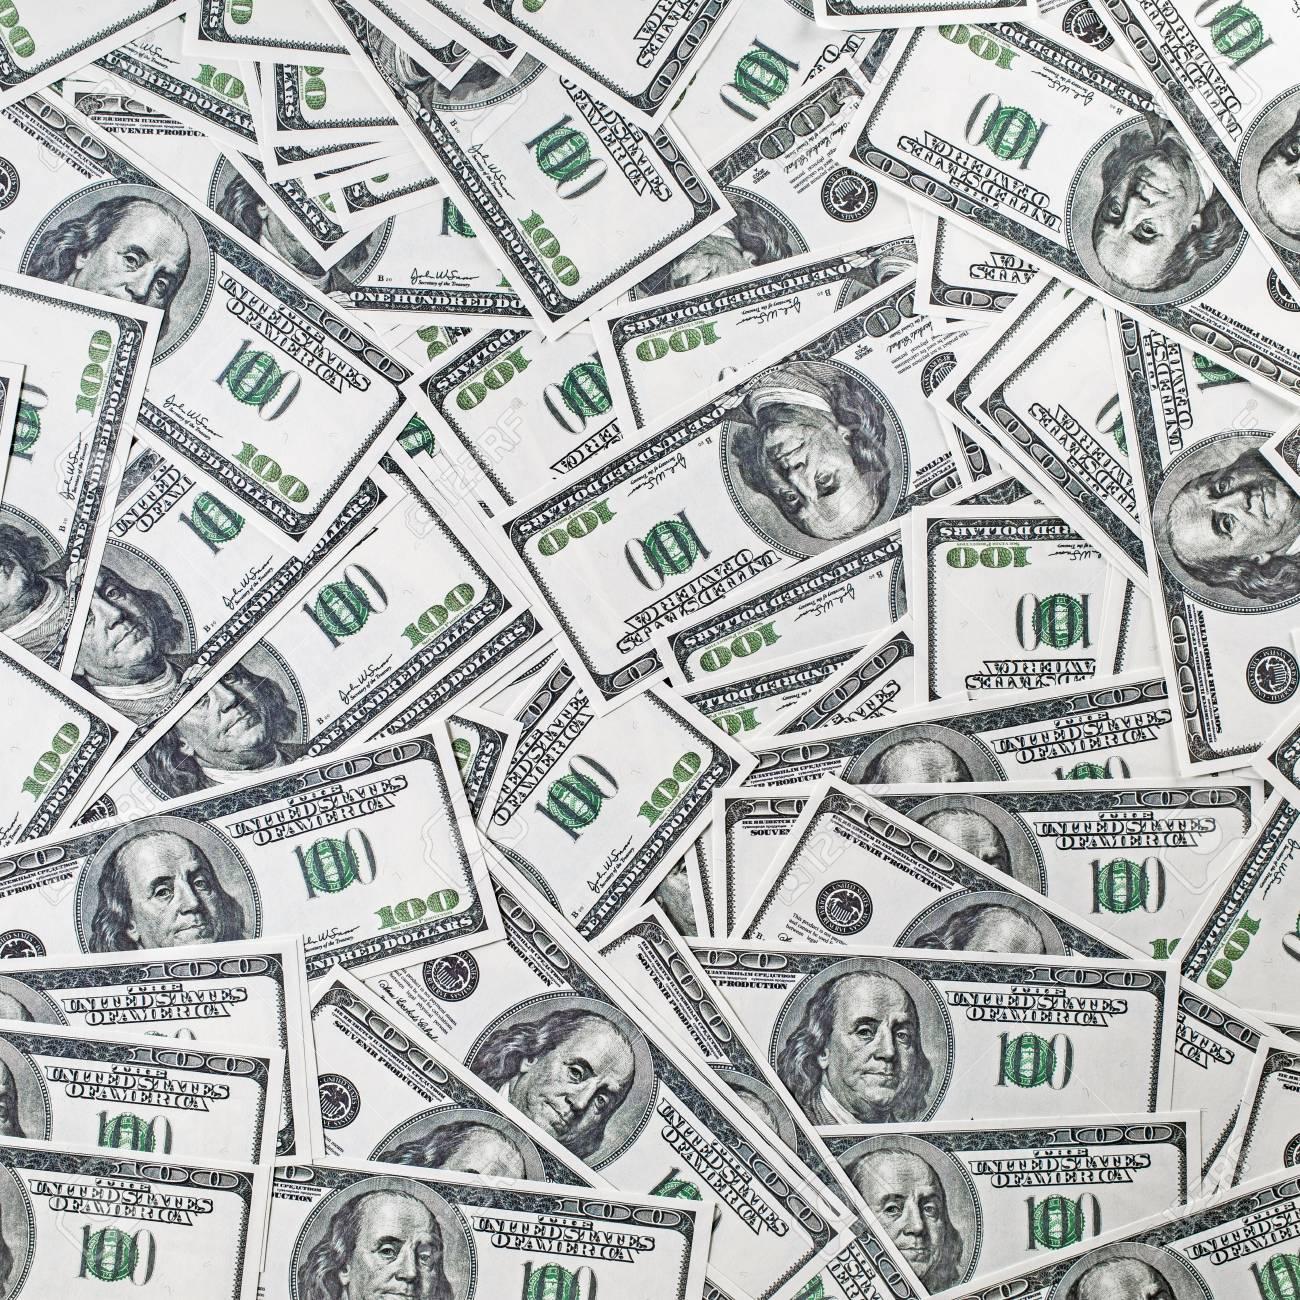 Antecedentes De Una Variedad De Billetes De Cien Dólares Mucho